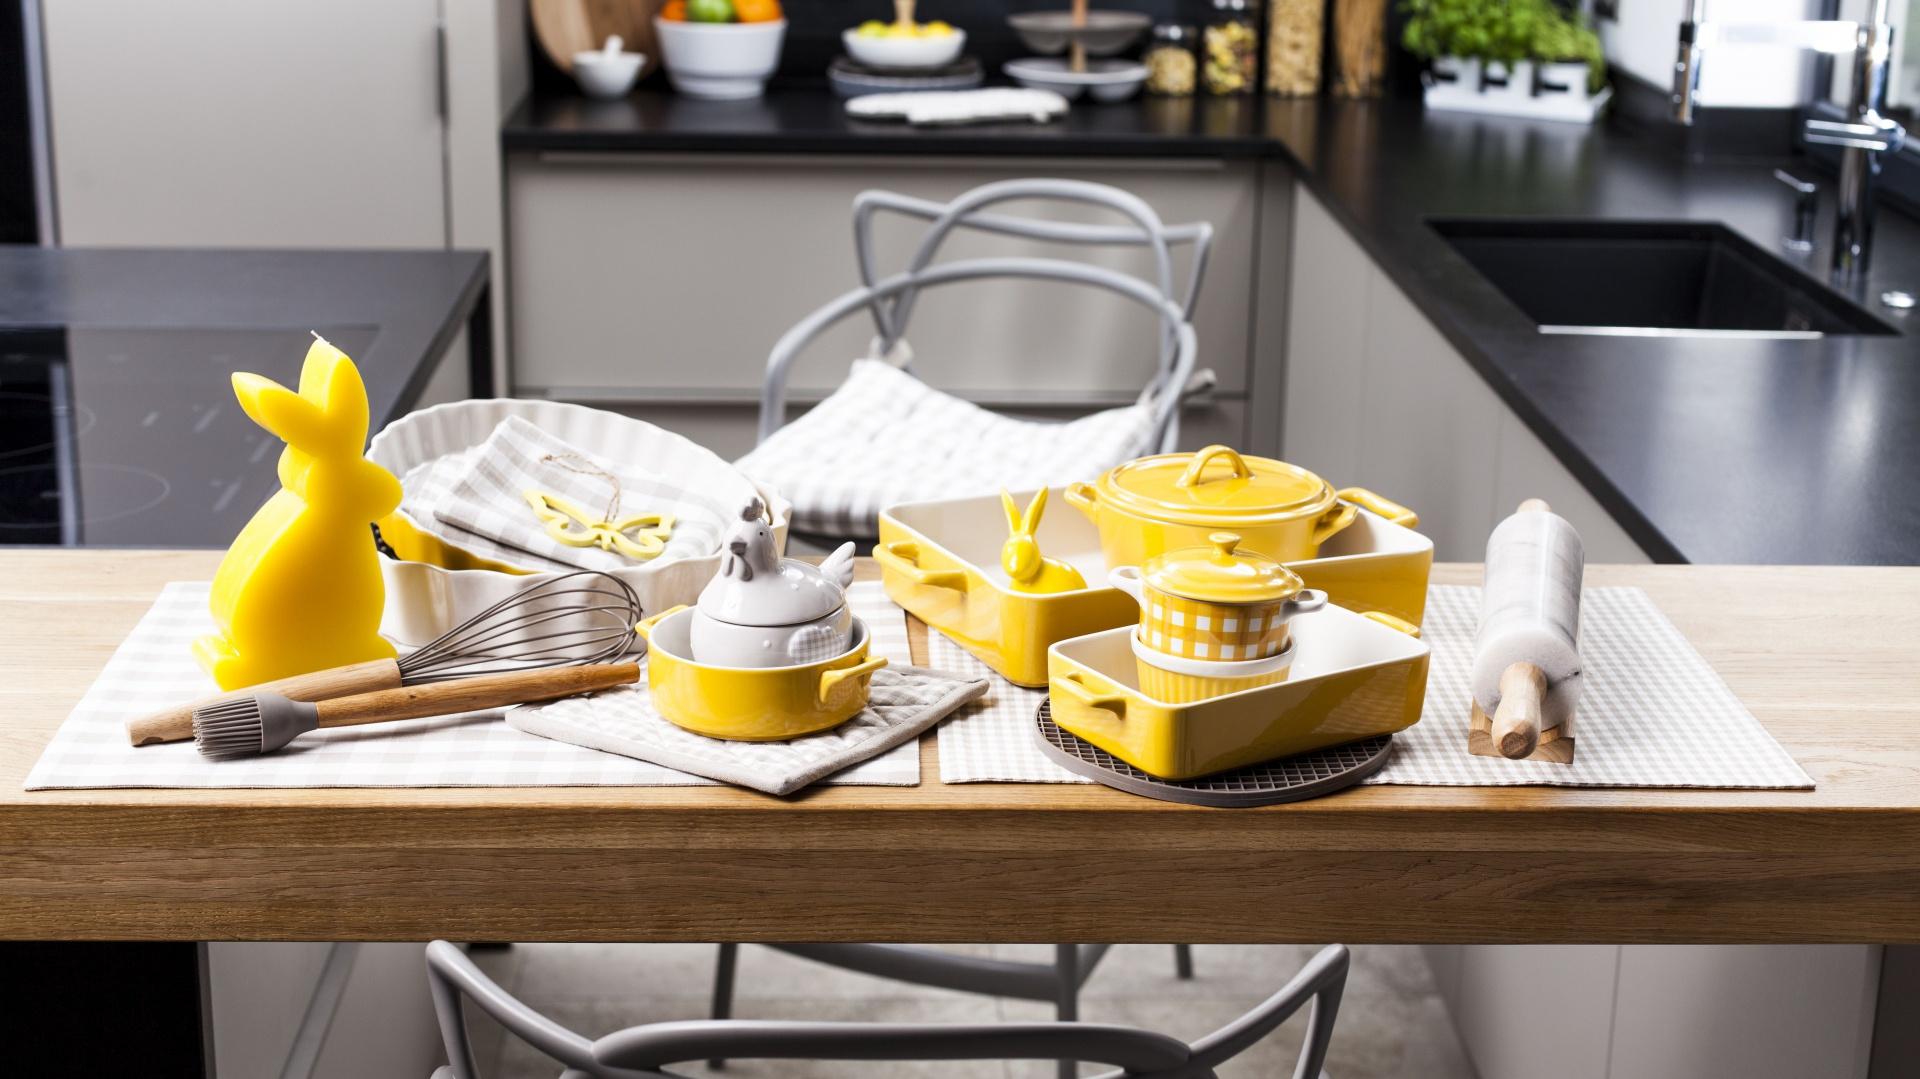 Wielkanoc W Kuchni Przydatne Akcesoria